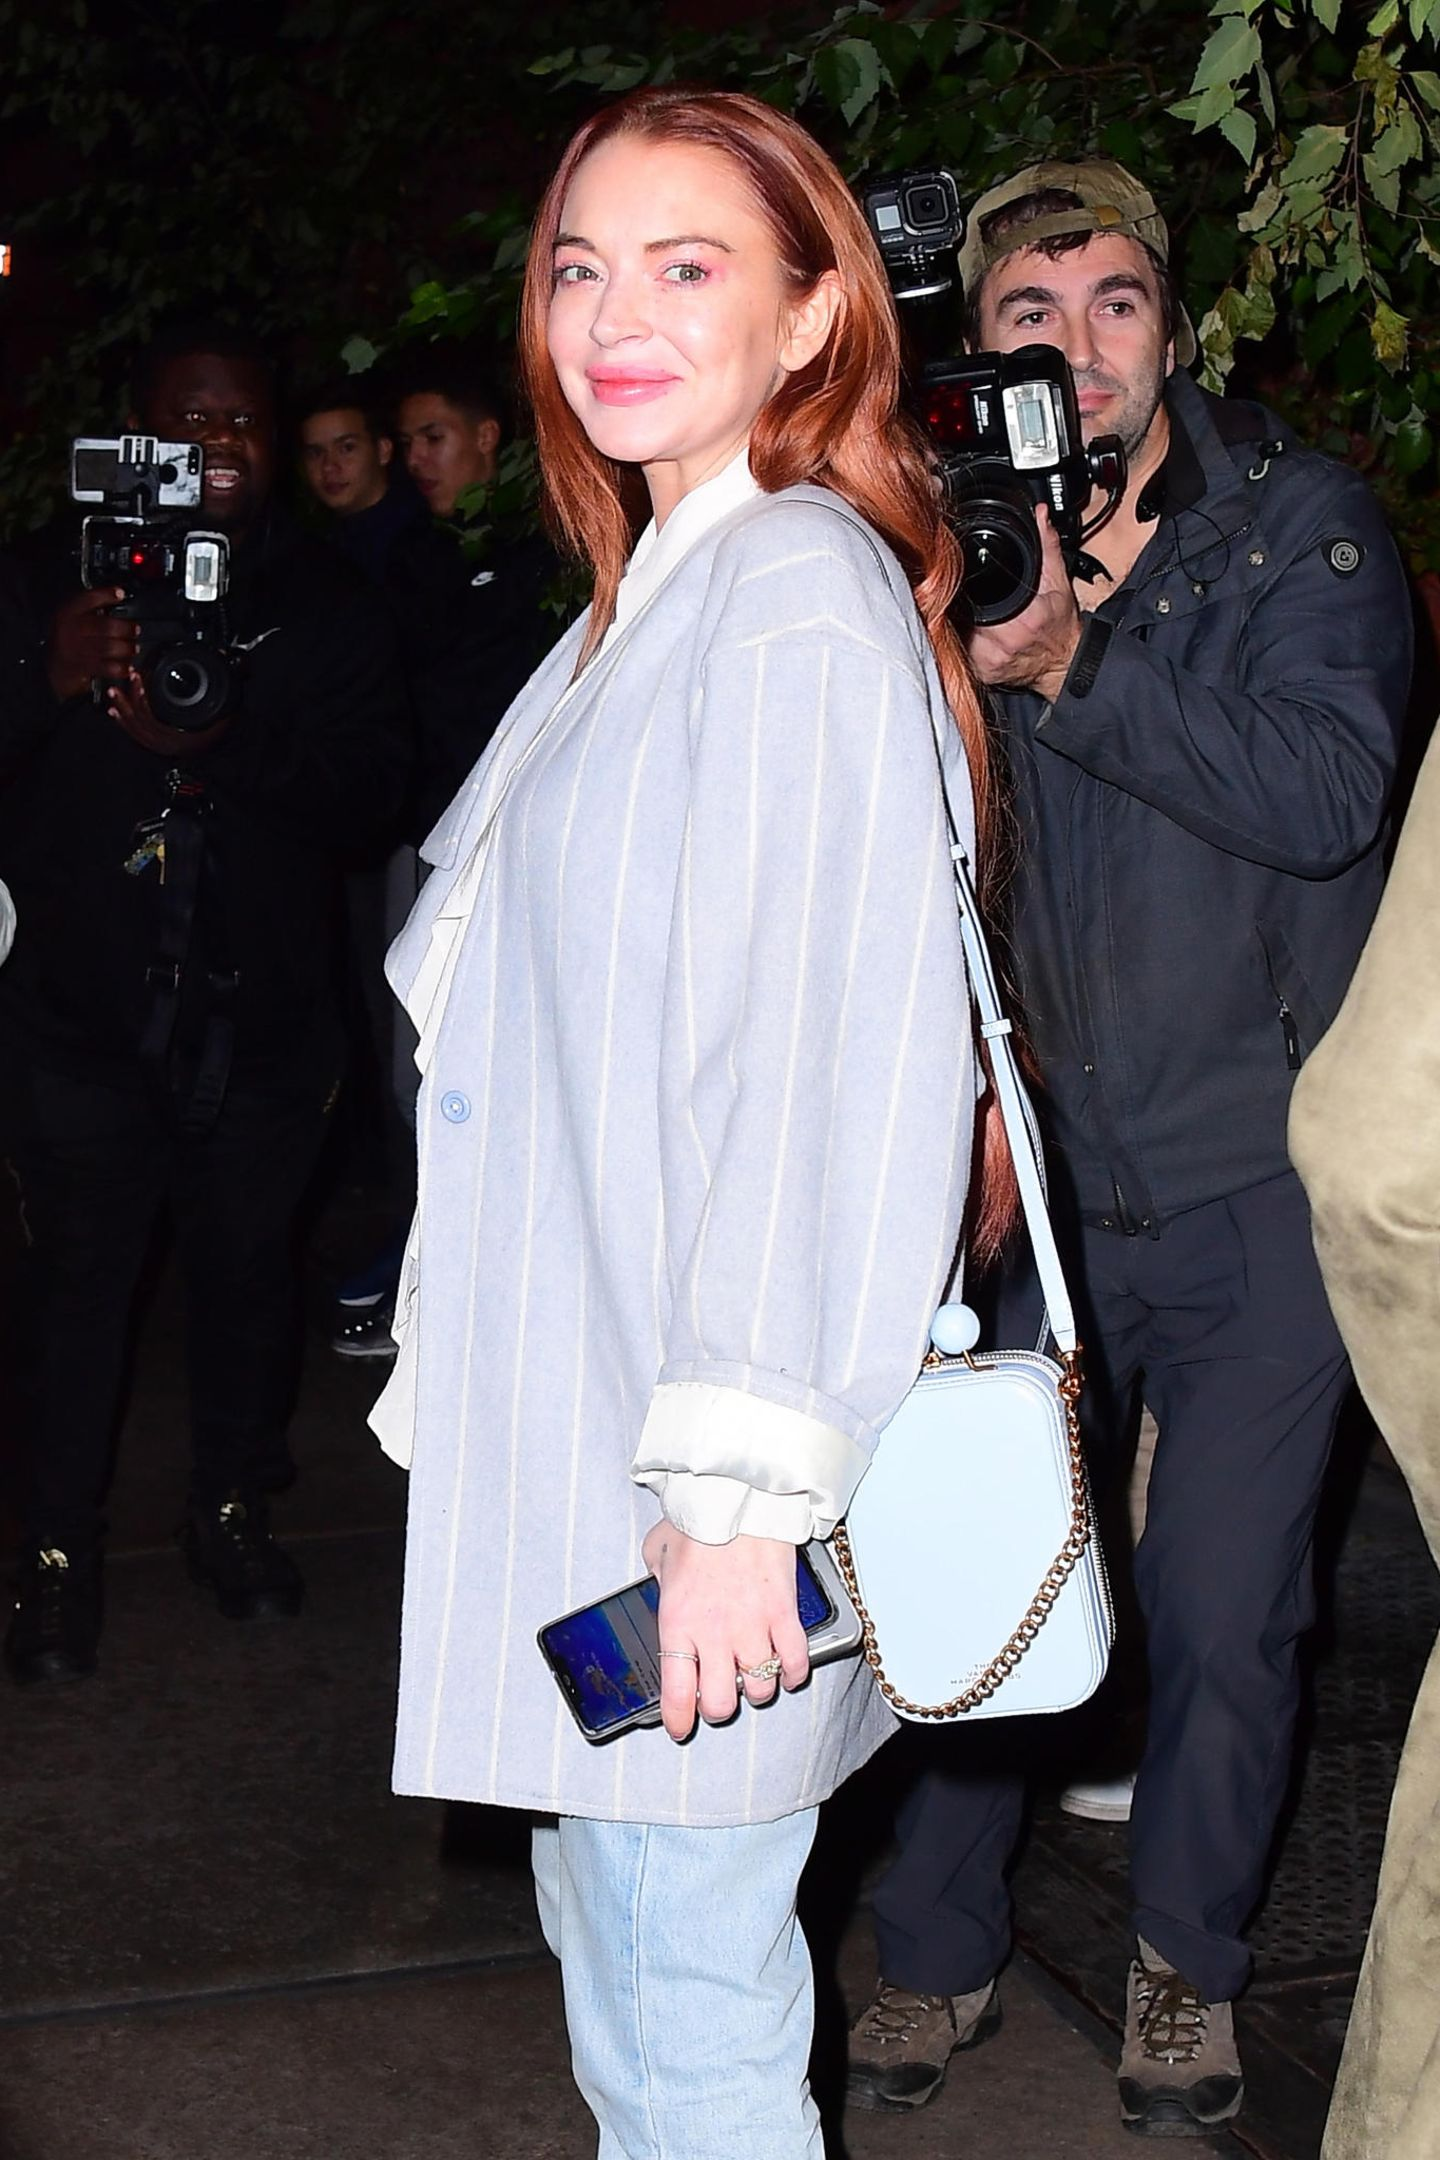 Im Oktober 2019 zeigt sich Lindsay Lohan mit deutlich voluminöseren Lippen und superstraffen Gesichtszügen. Ihr natürliches Aussehen will die Schauspielerin offenbar beim Beauty-Doc optimieren – mit einem fragwürdigen Ergebnis.